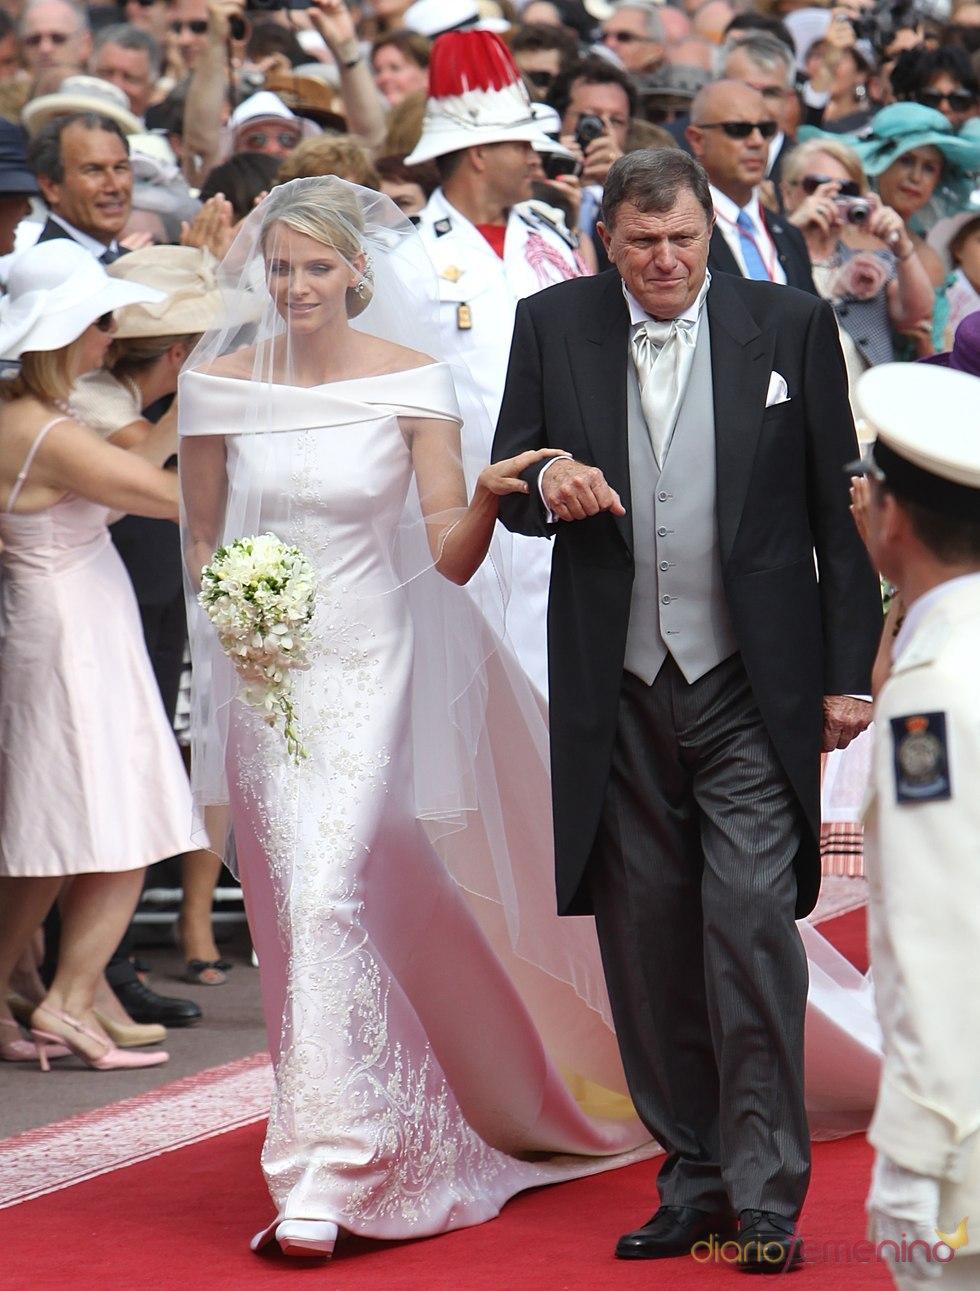 El vestido de novia de Armani de Charlene Wittstock el día de la Boda Real de Mónaco